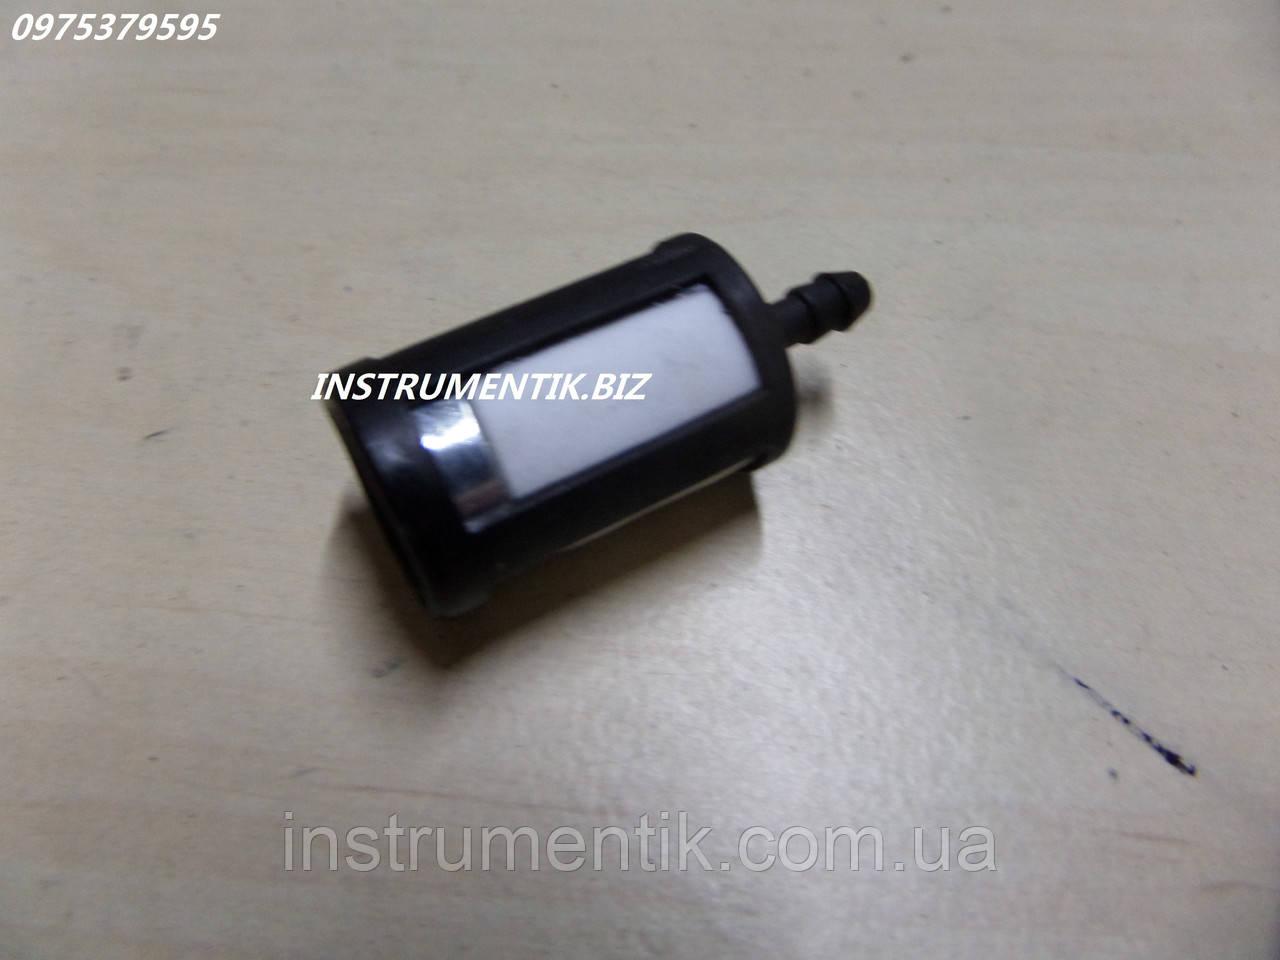 Топливный фильтр winzor для Husqvarna 350,351,353